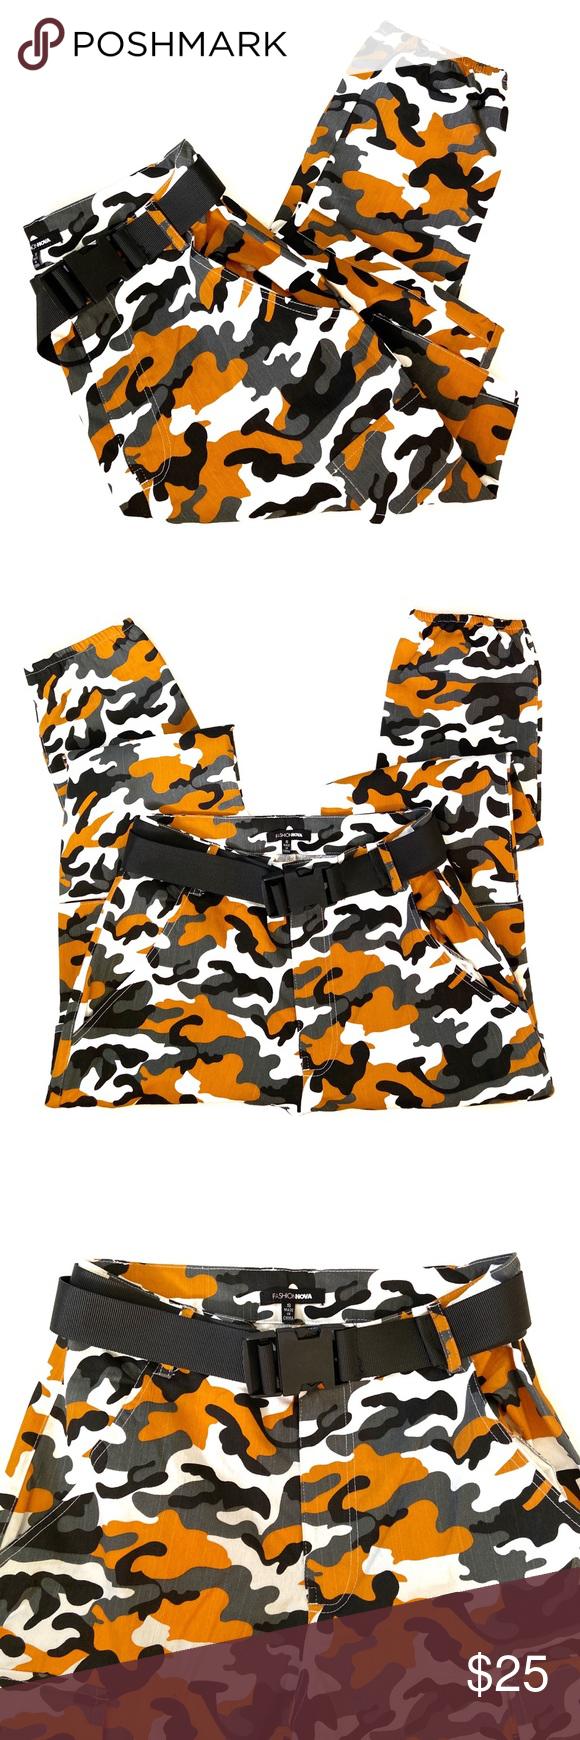 Fashion Nova | High Waist Camo Cargo Pants ✨Fashion Nova | High Waist Camoufla…